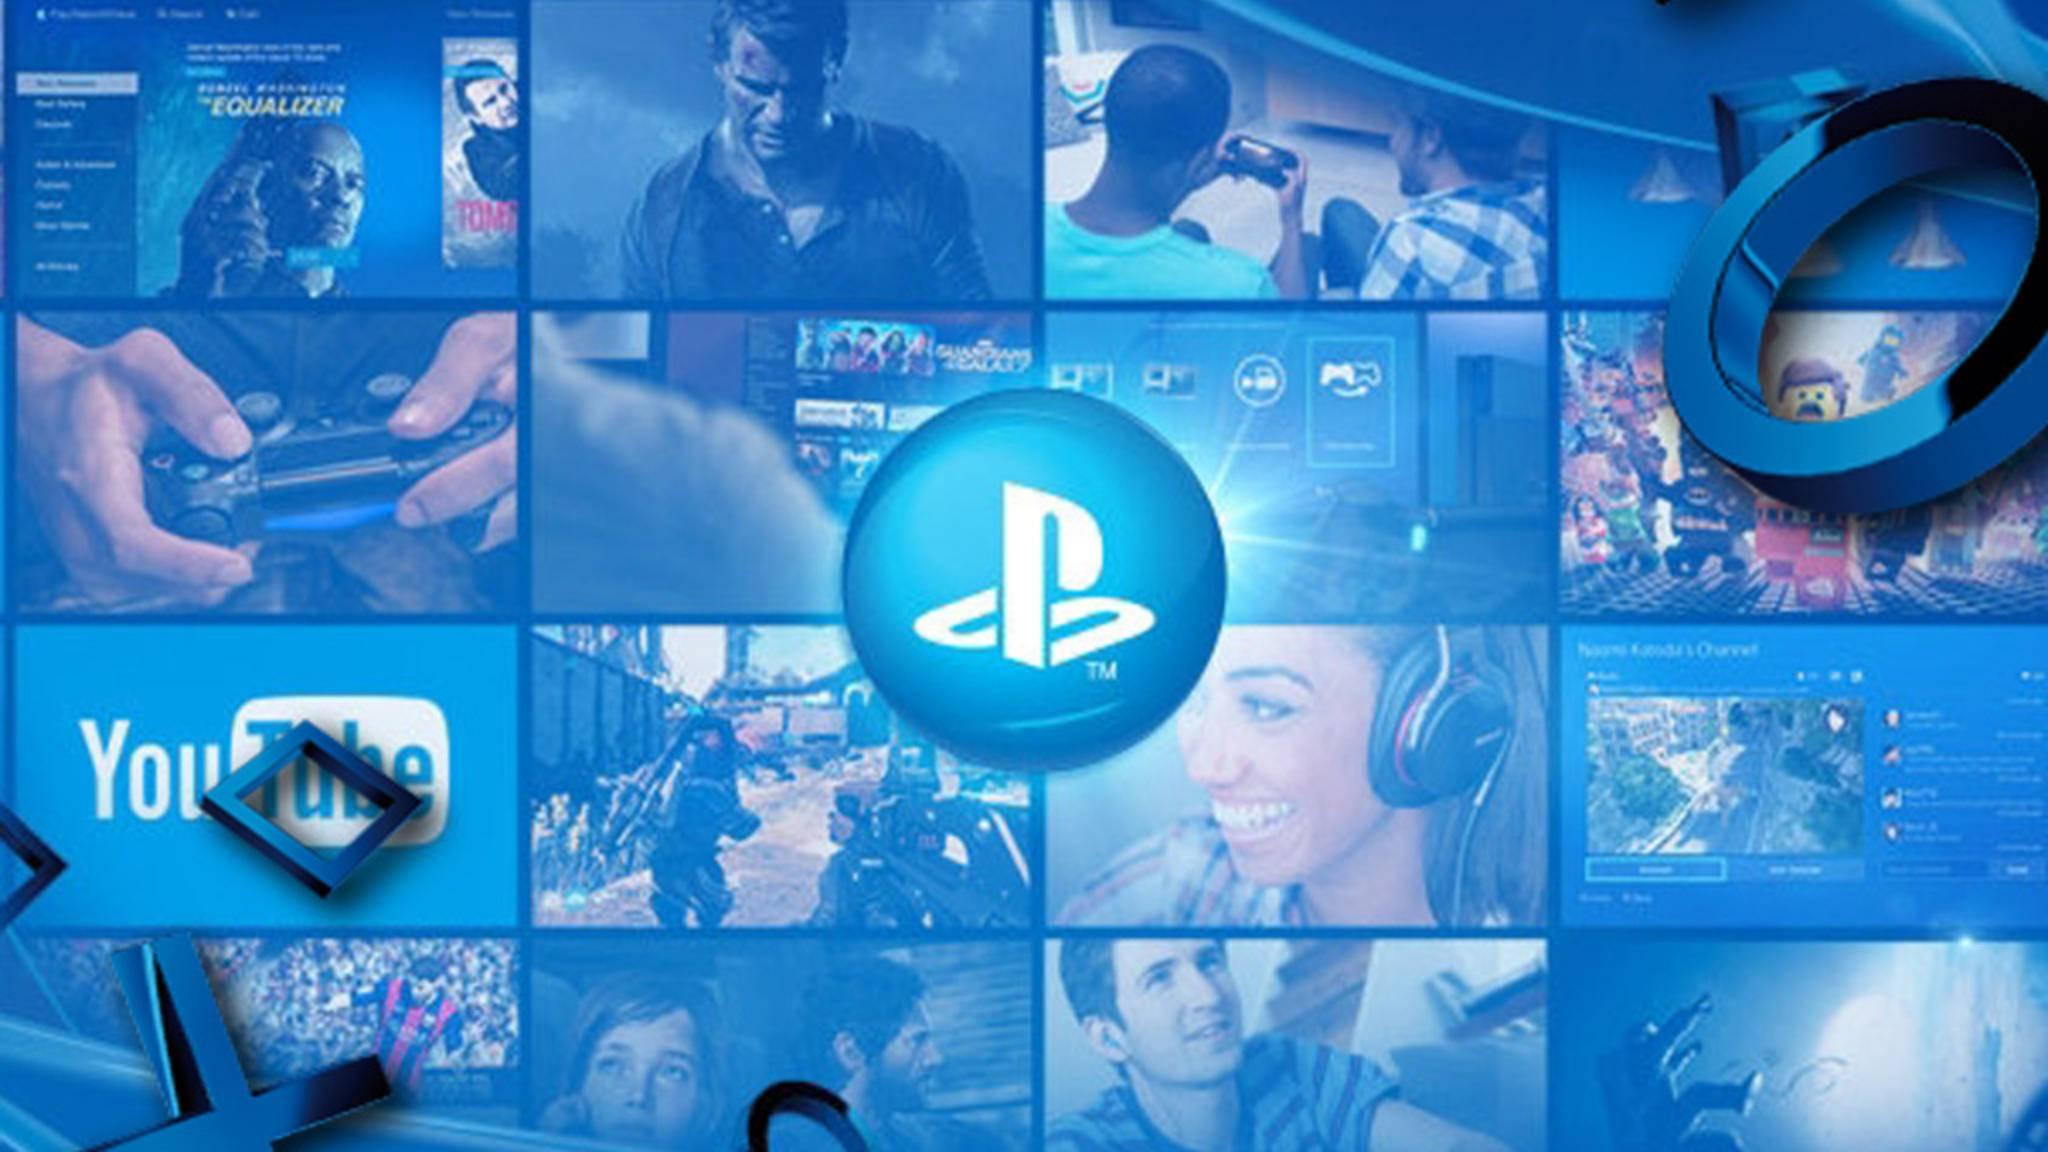 Geht doch: In Kürze können PlayStation-Nutzer ihren PSN-Namen ändern.